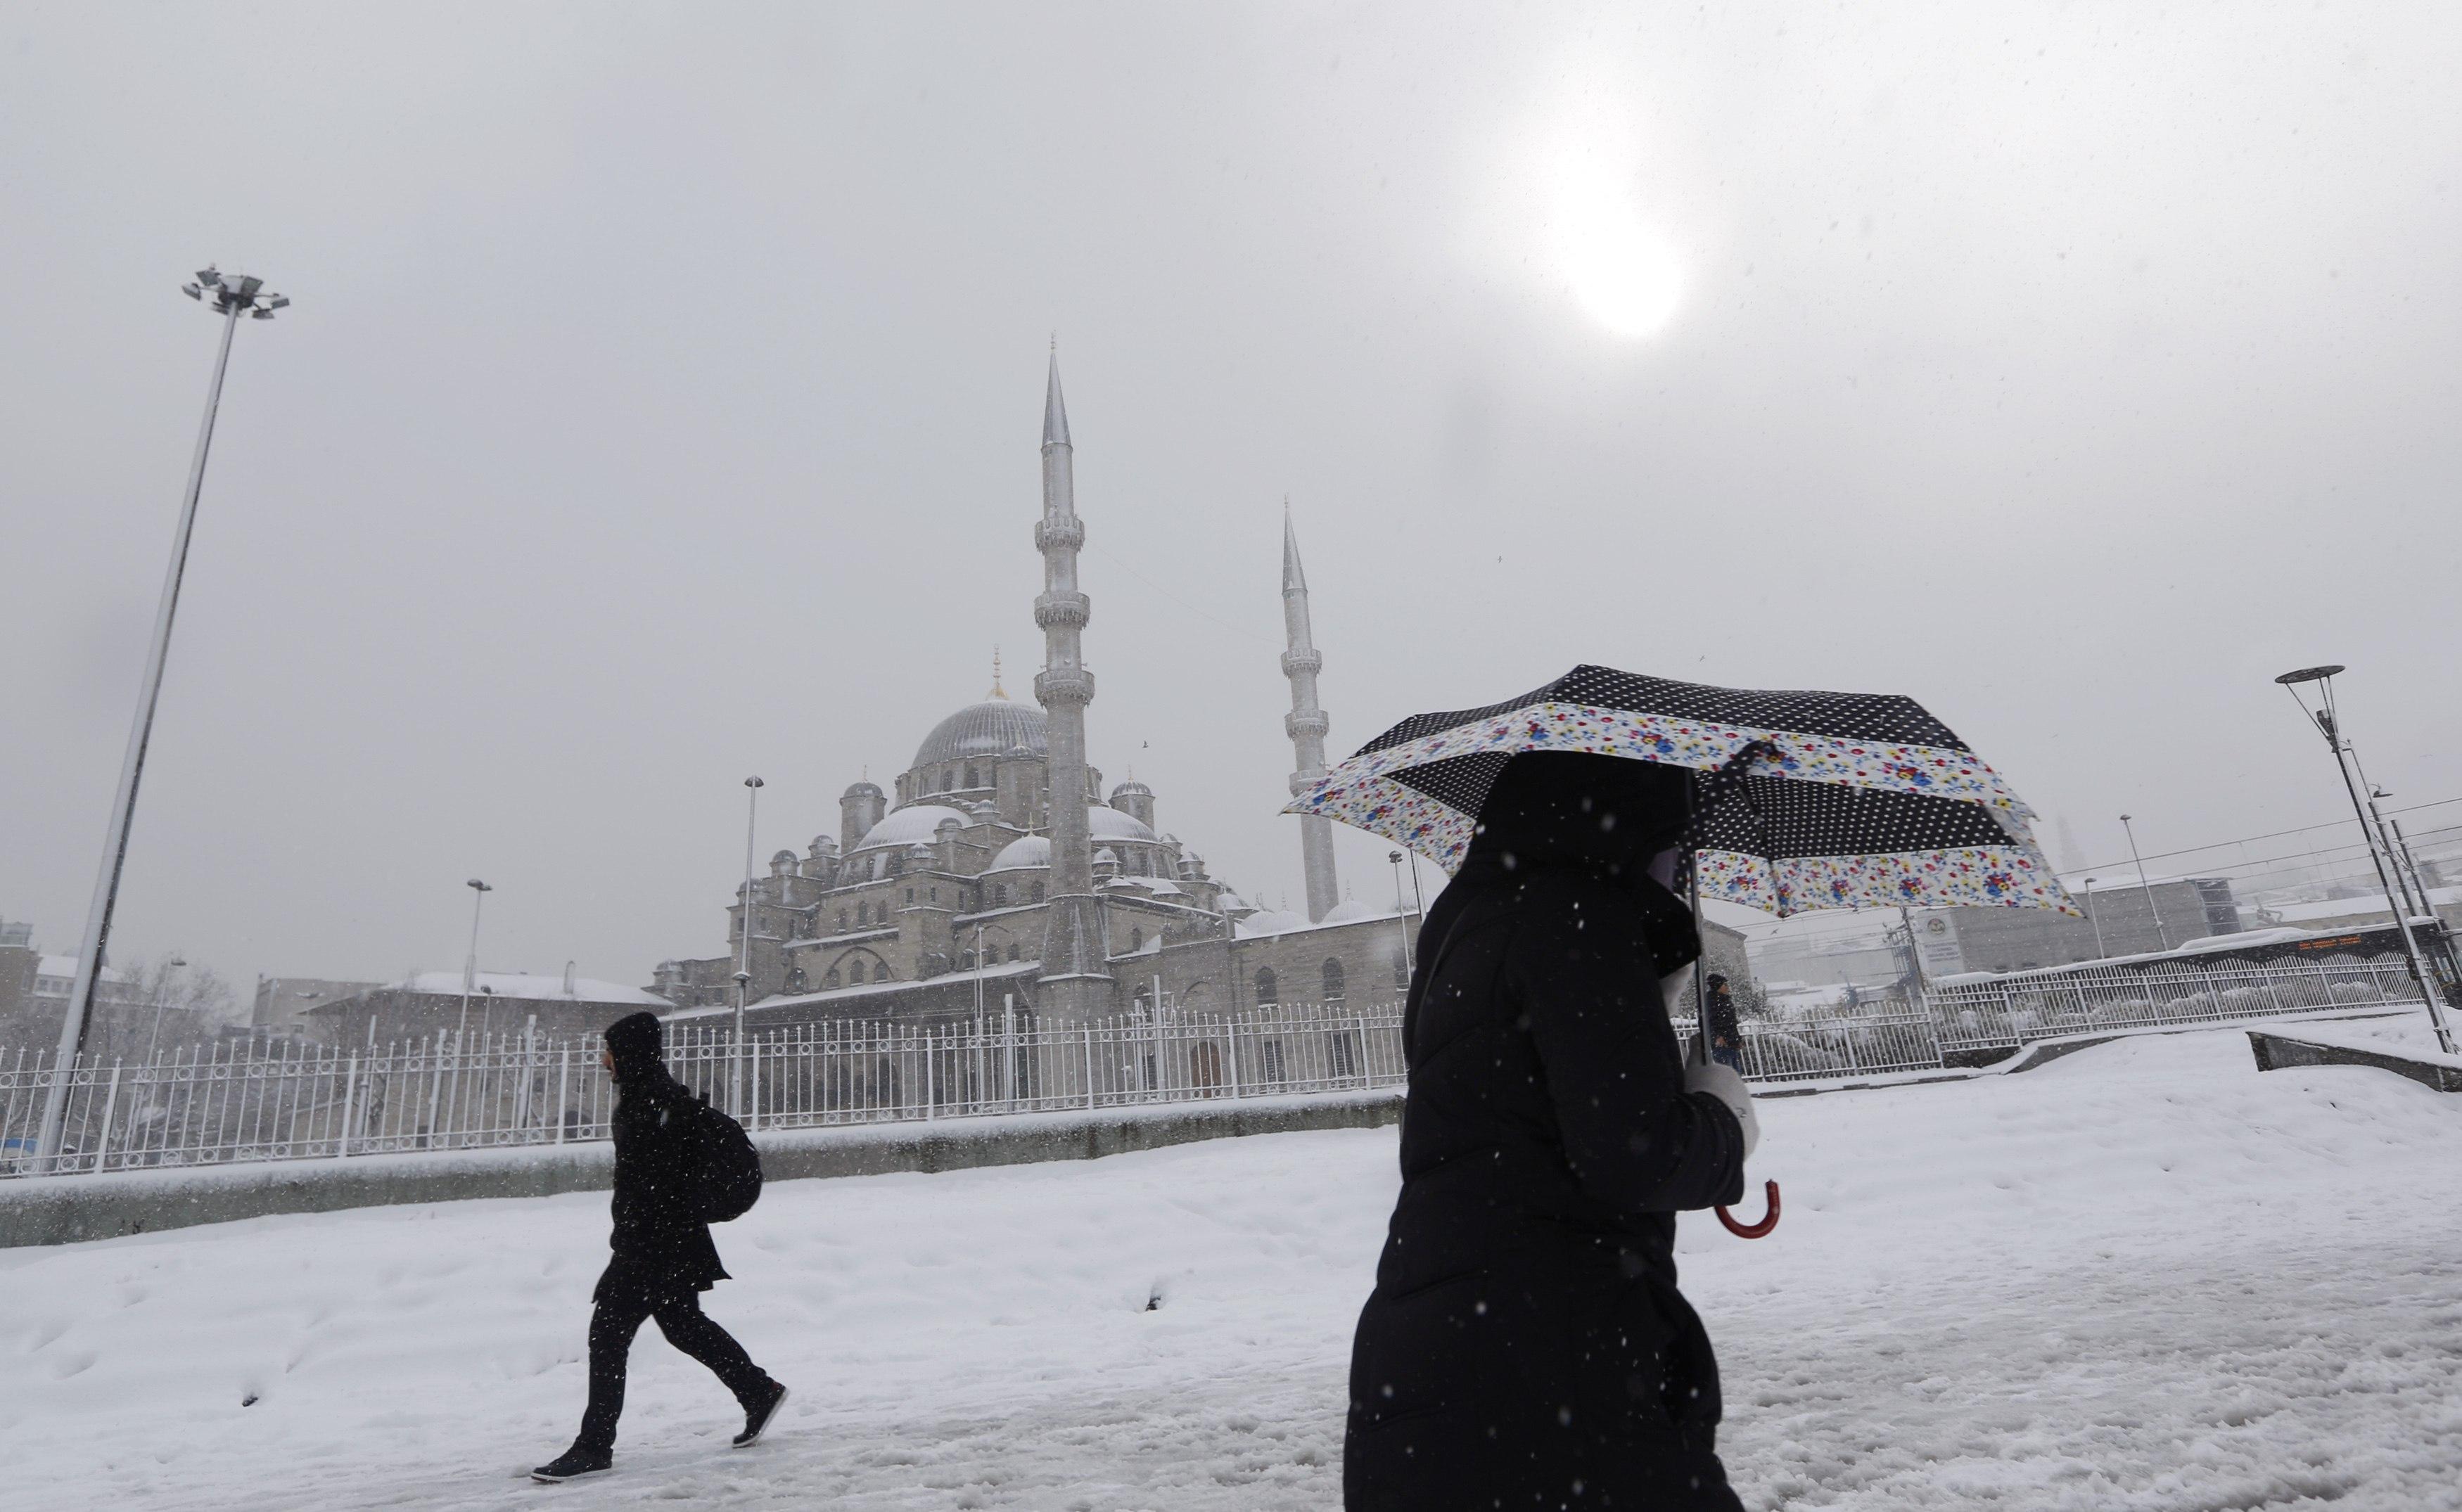 TURKEY-WEATHER/